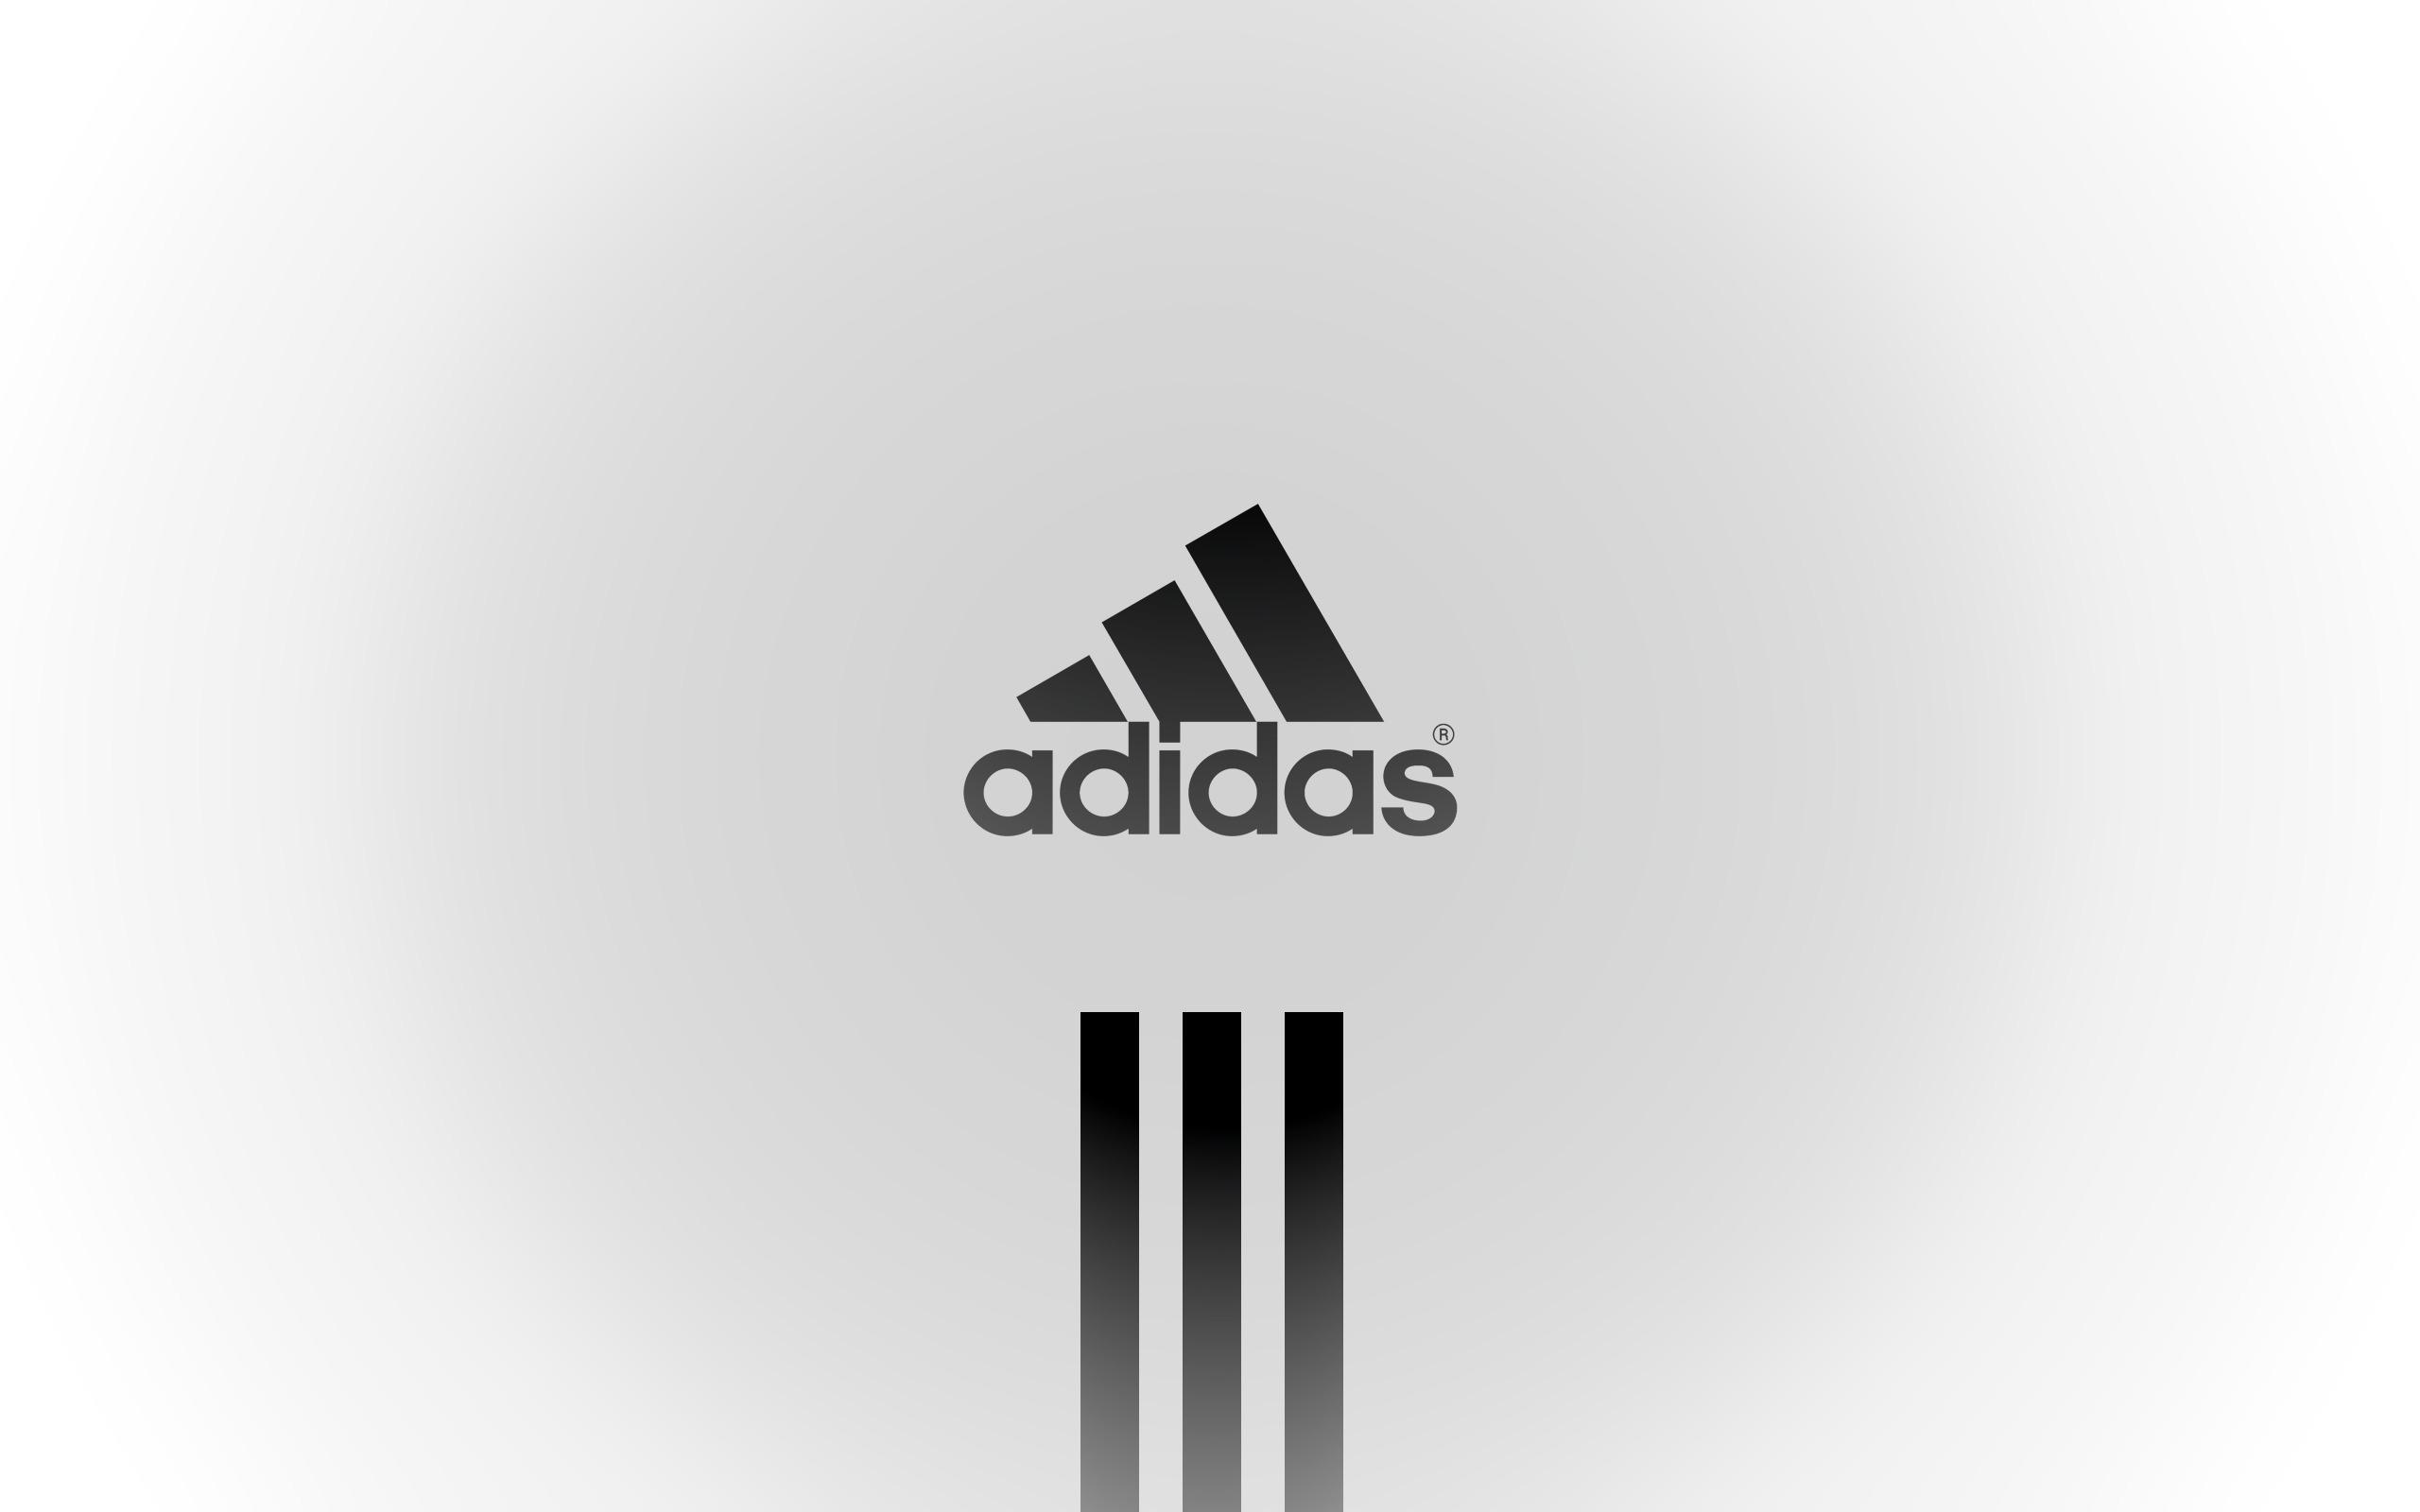 картинка знак адидас белая надпись на черном фоне